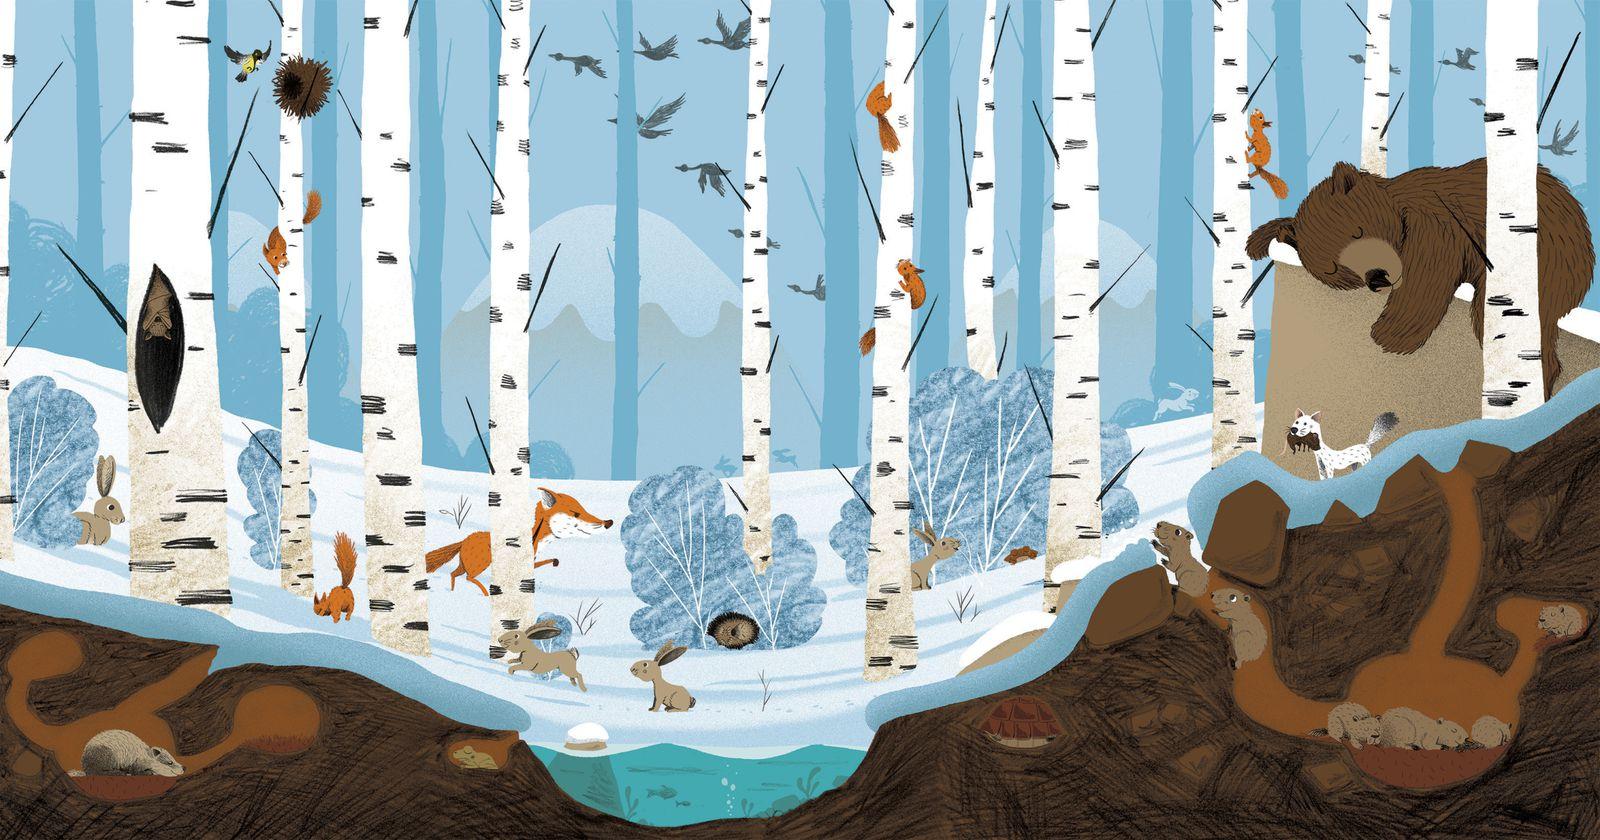 Ours, écureuils, hermine, renard, lapins, lièvre, chauve-souris, marmottes... en pleine hibernation pour Wakou